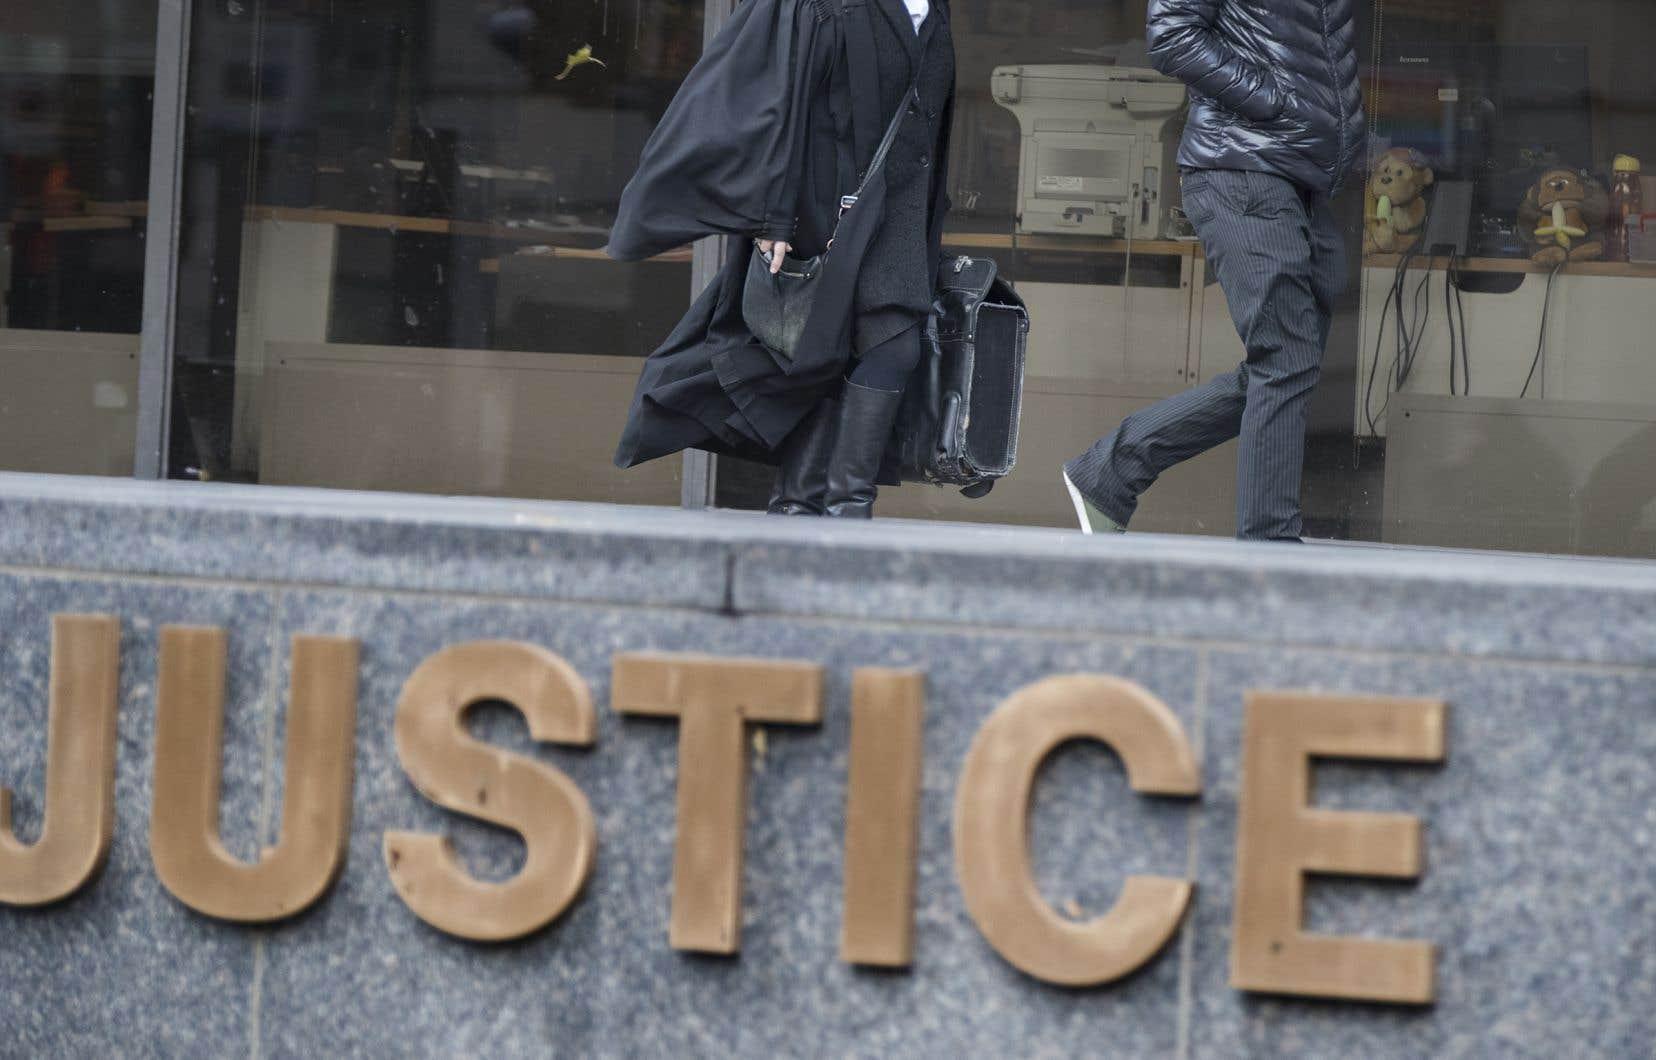 «La plainte au criminel et son cheminement constituent l'une des manières dont le système livre la justice en cas d'agression sexuelle», écrit l'auteur.